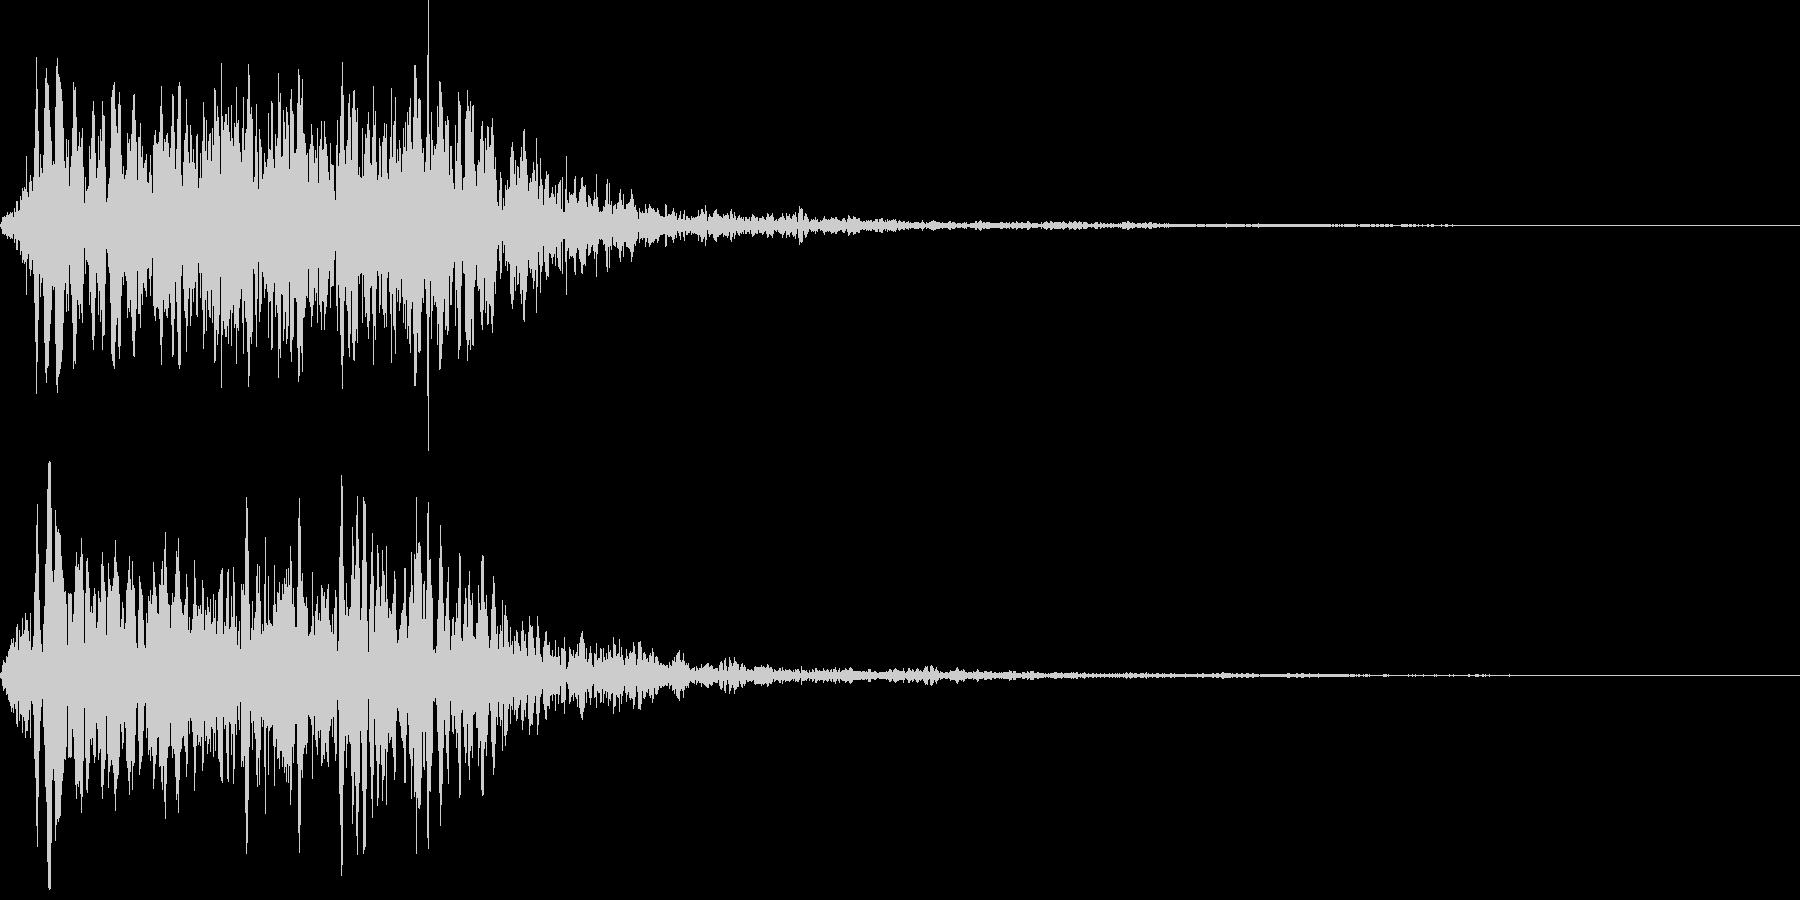 吹きすさぶ風・竜巻系の魔法(低2)sの未再生の波形